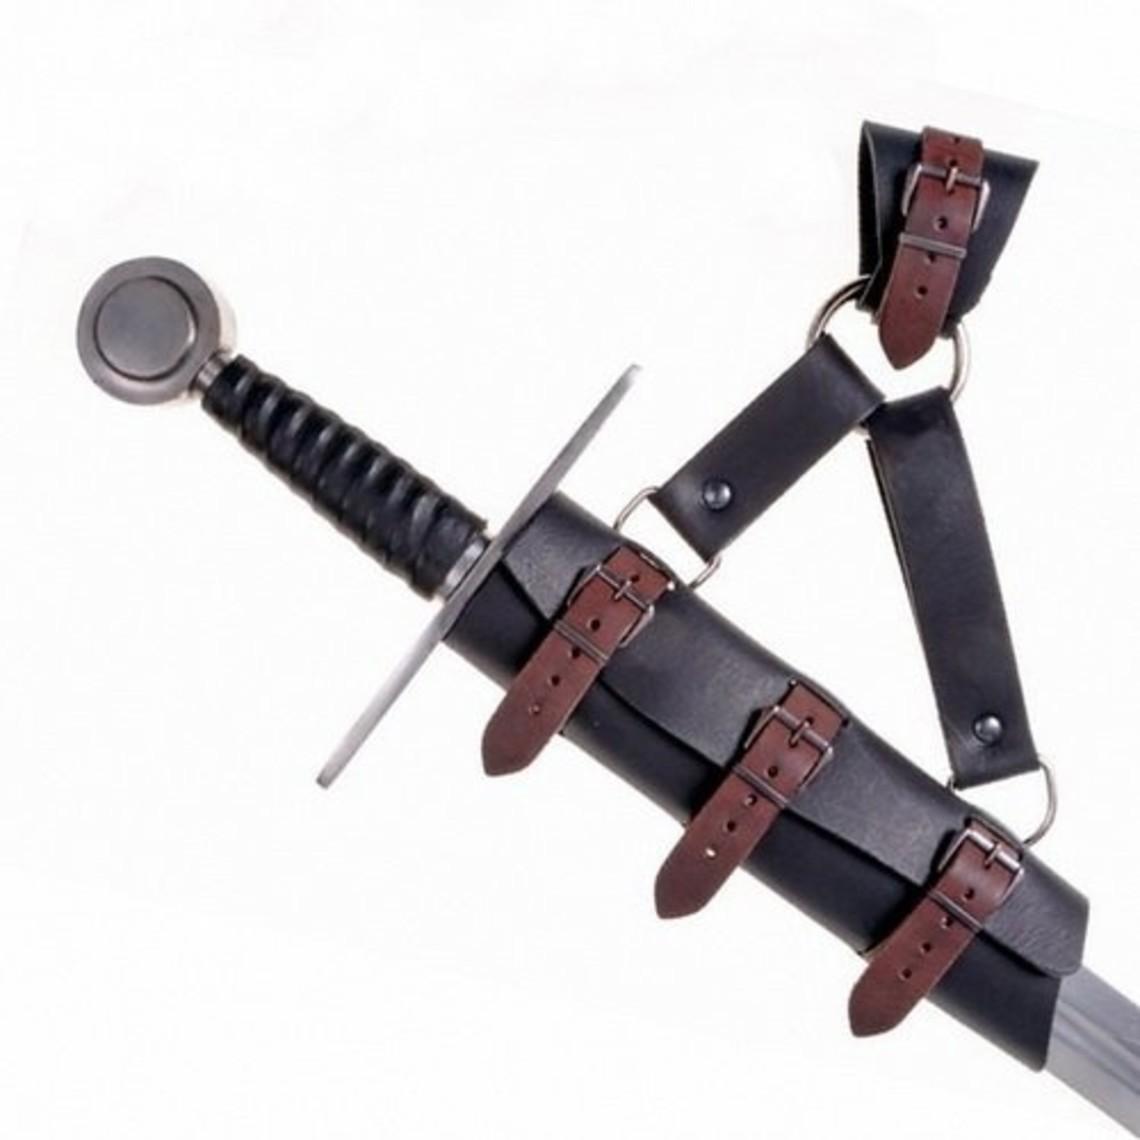 Supporto spada di lusso per le spade GRV, marrone-nero